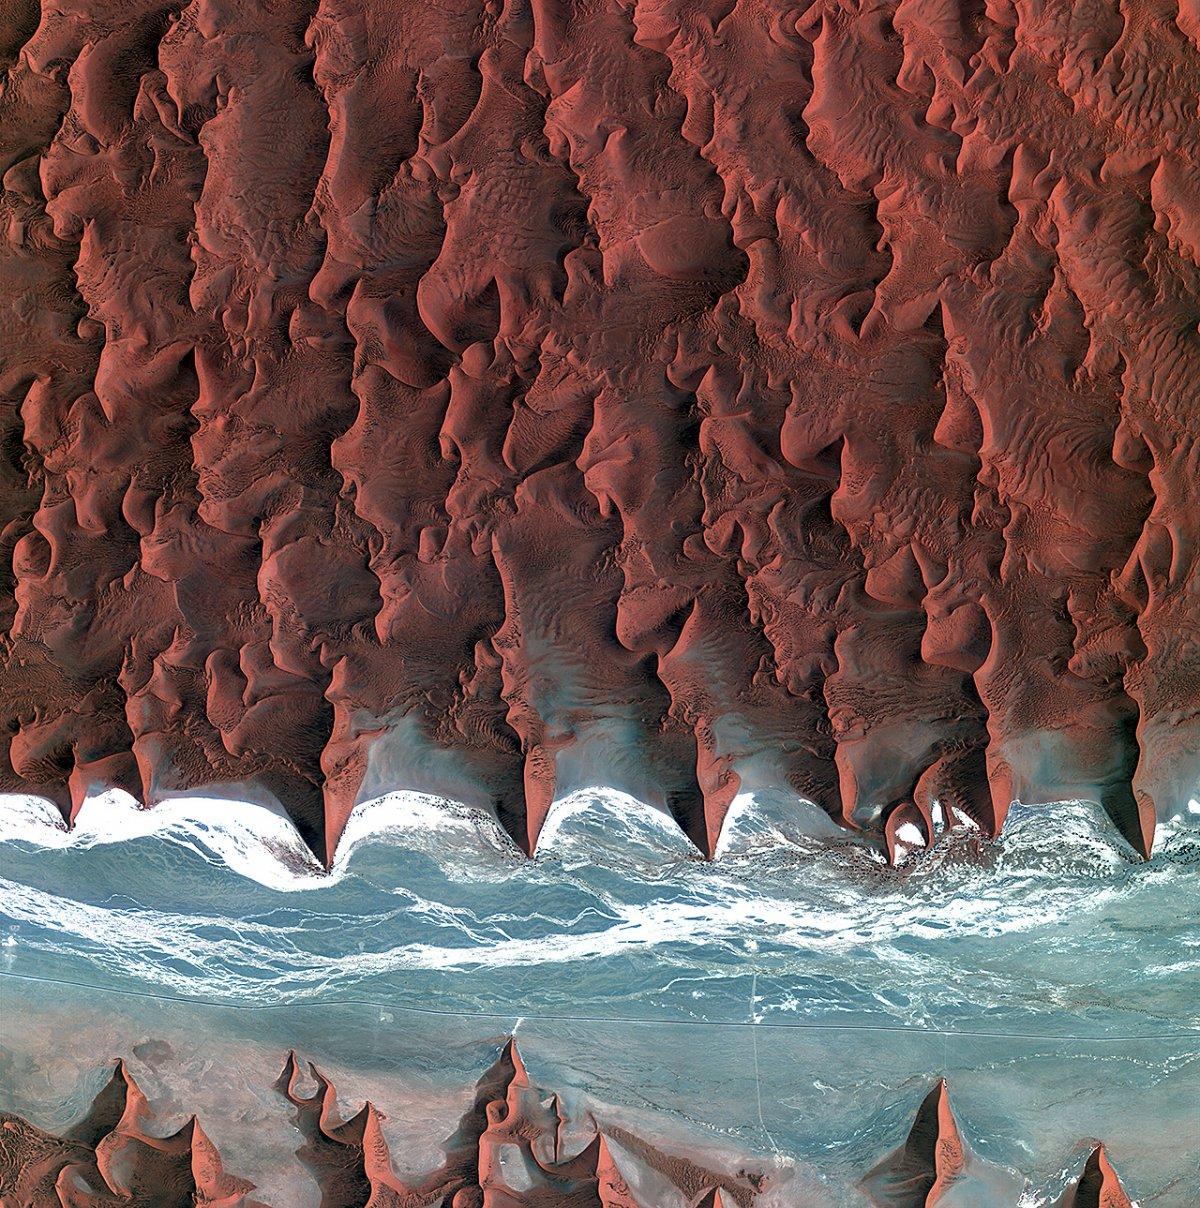 Uma década de observação da Terra a partir do espaço nos deu essas vistas incríveis 01